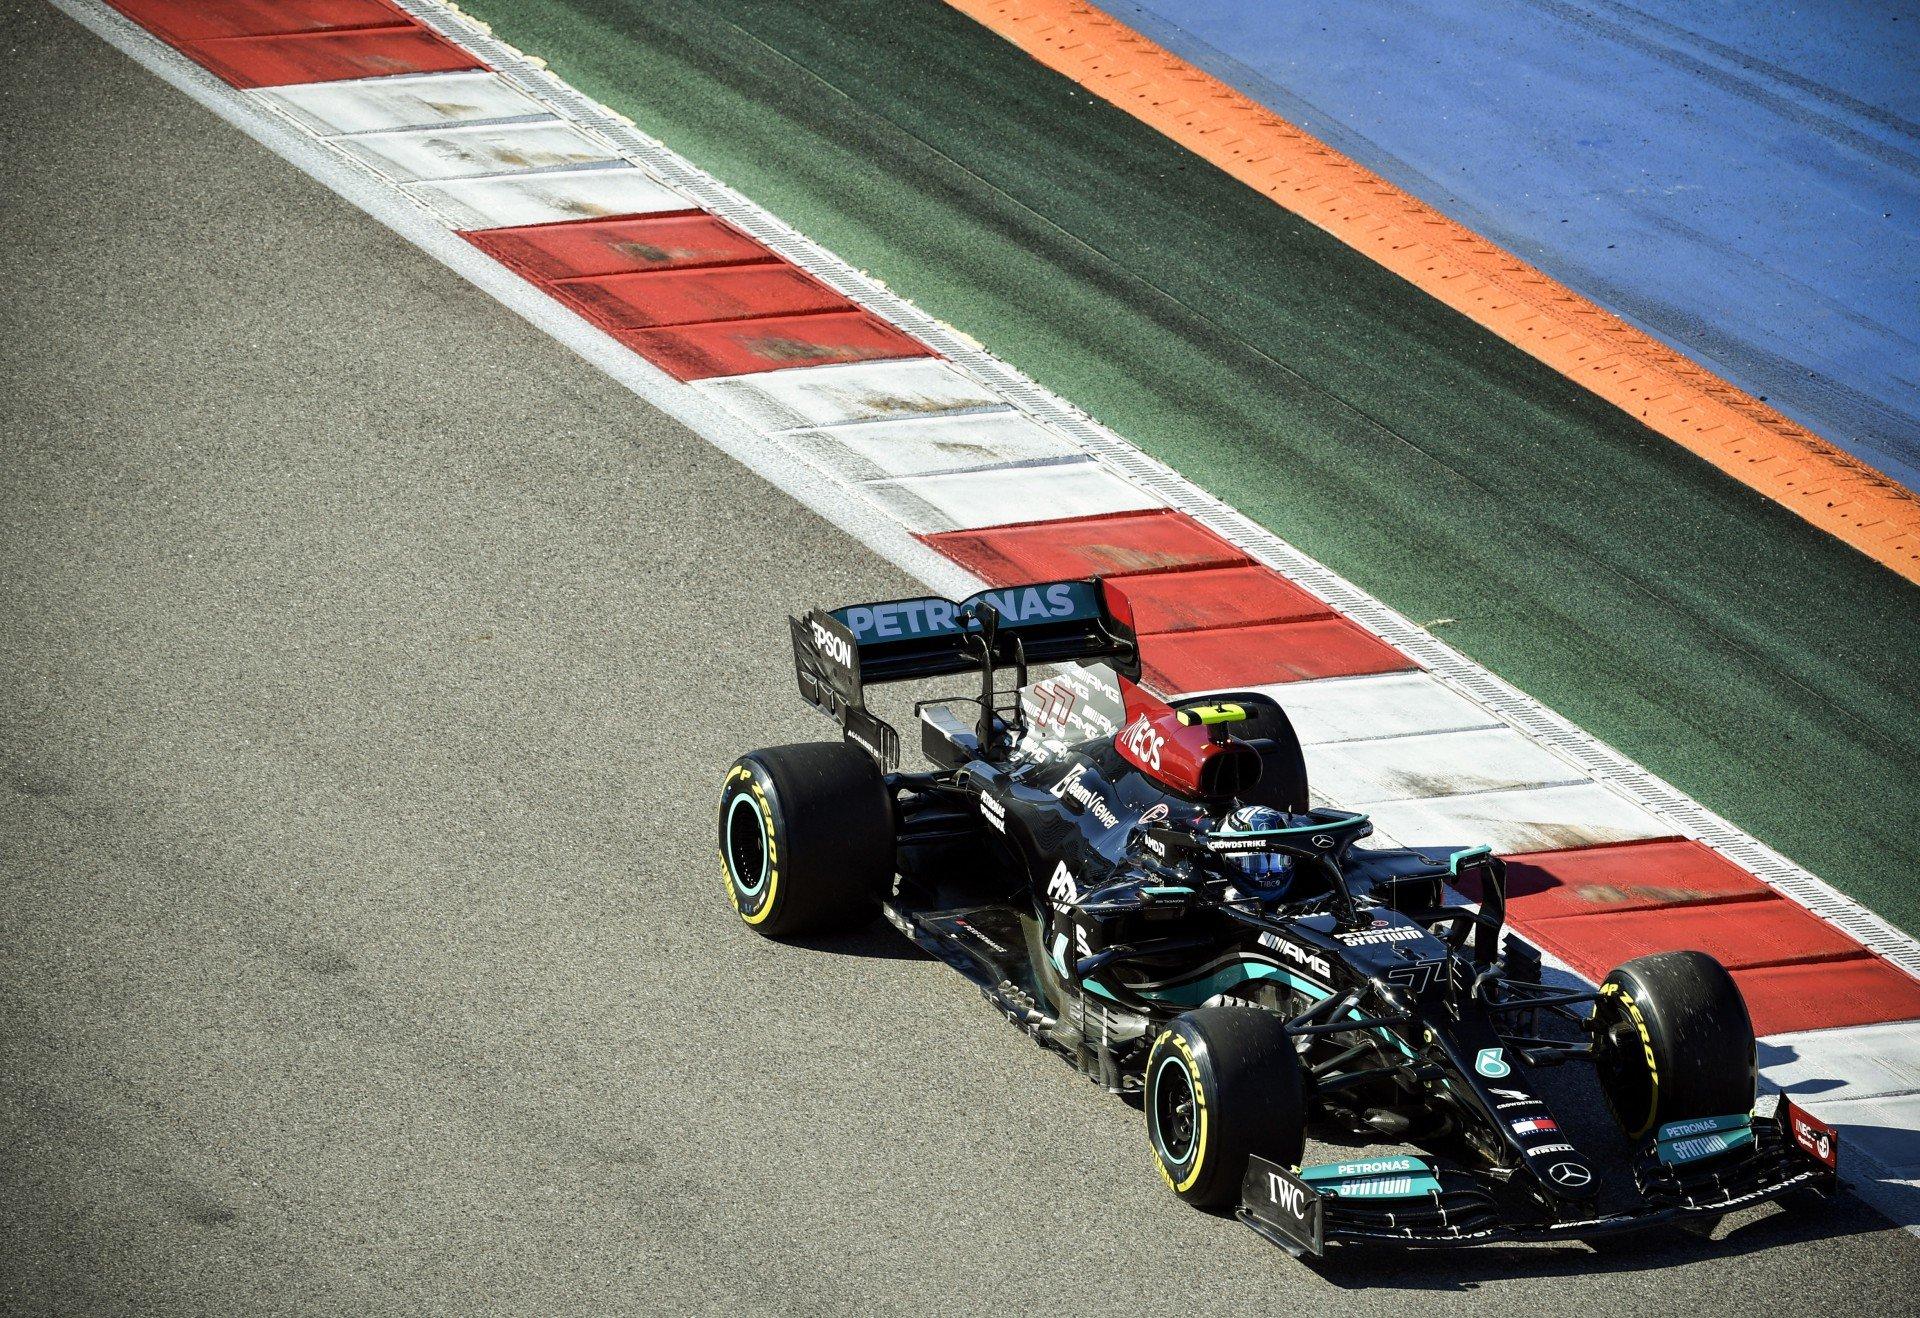 Mercedes domina e Bottas é o mais rápido nos treinos livres para o GP da Rússia